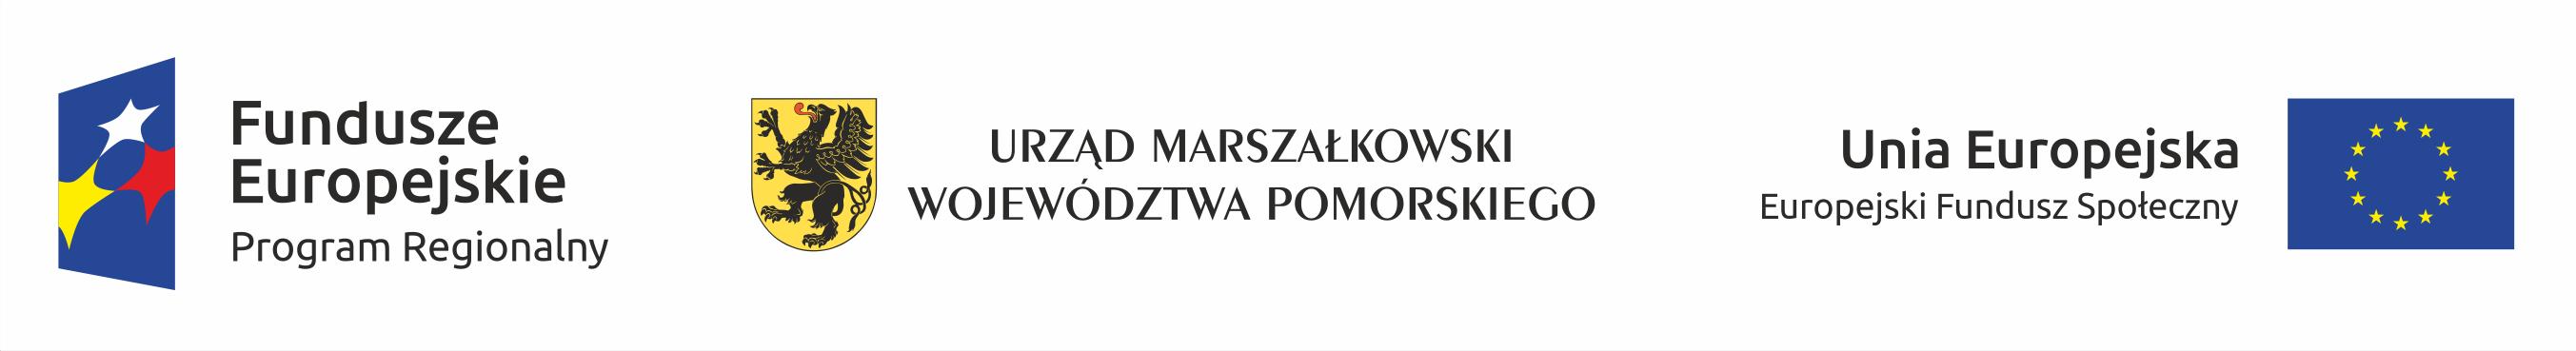 logo-kierunek-aktywnosc